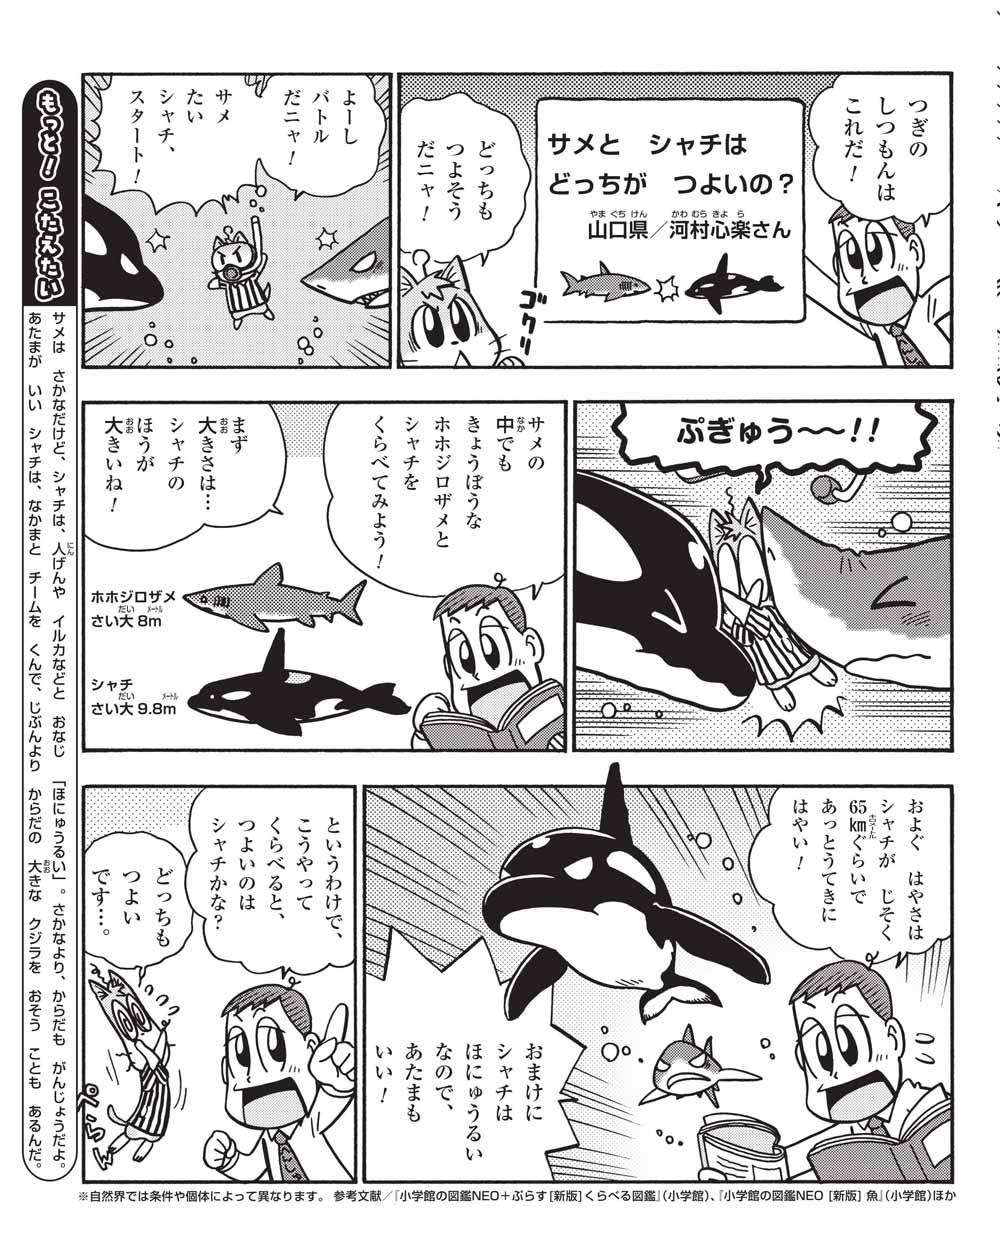 木の上の丸いものはなんですか? サメとシャチはどちらがつよいの? ほか 2コマ目